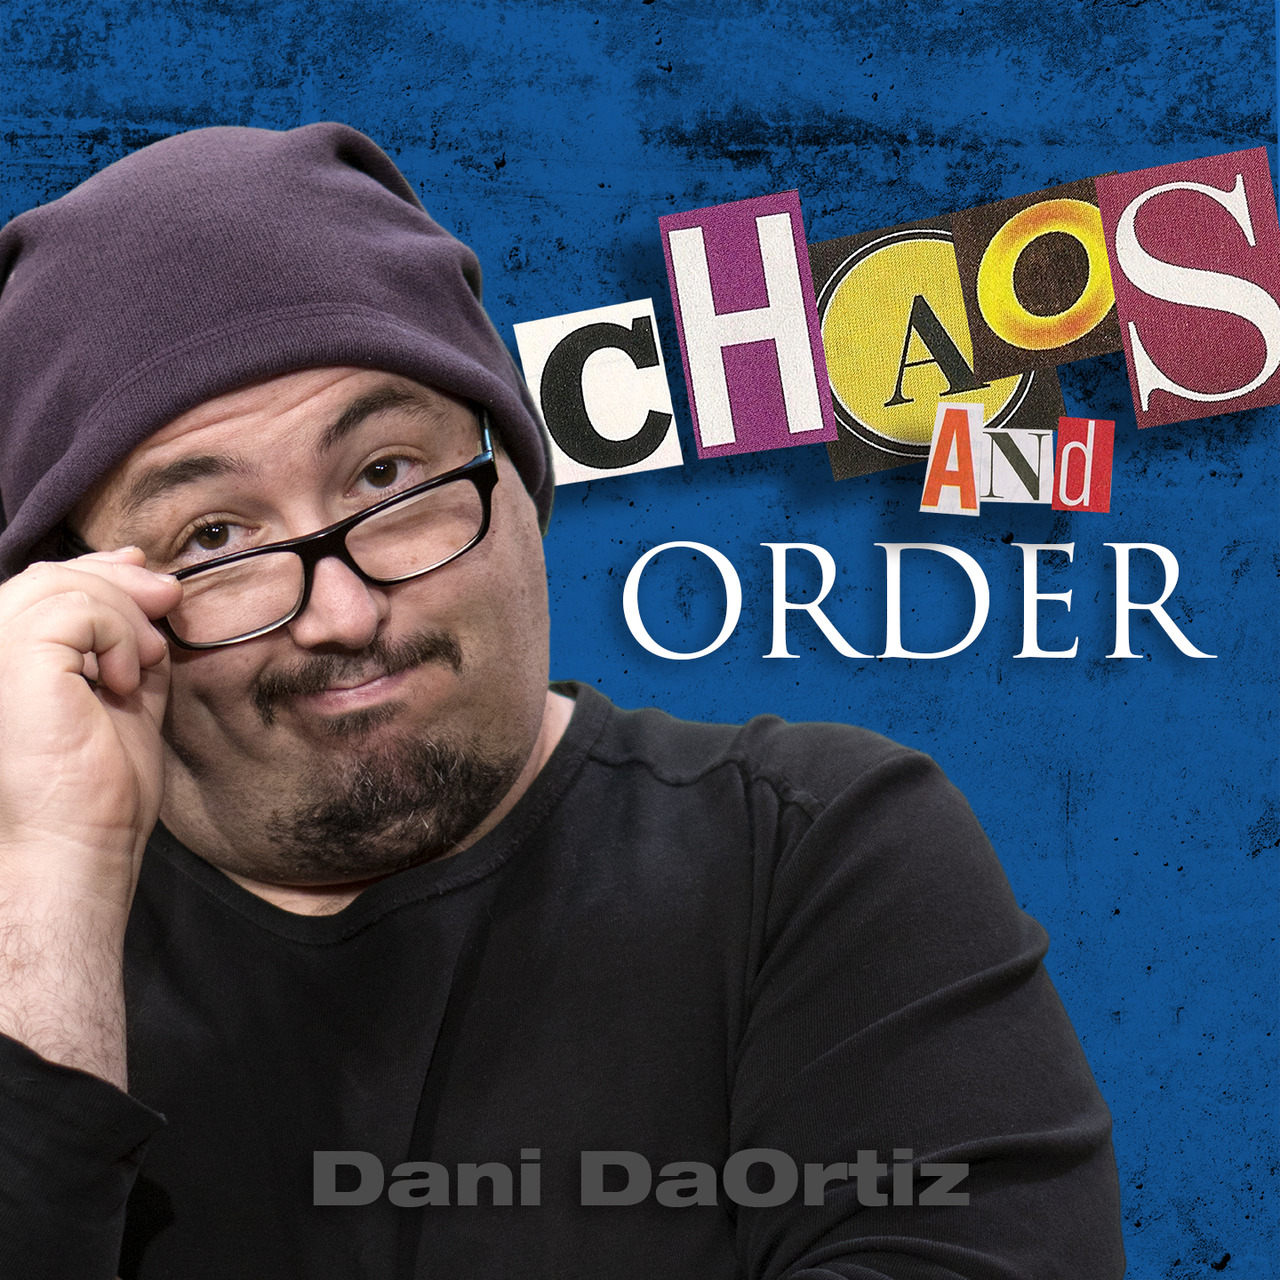 Juan tamariz, yann frisch and dani daortiz lap (5 dvd)(only.